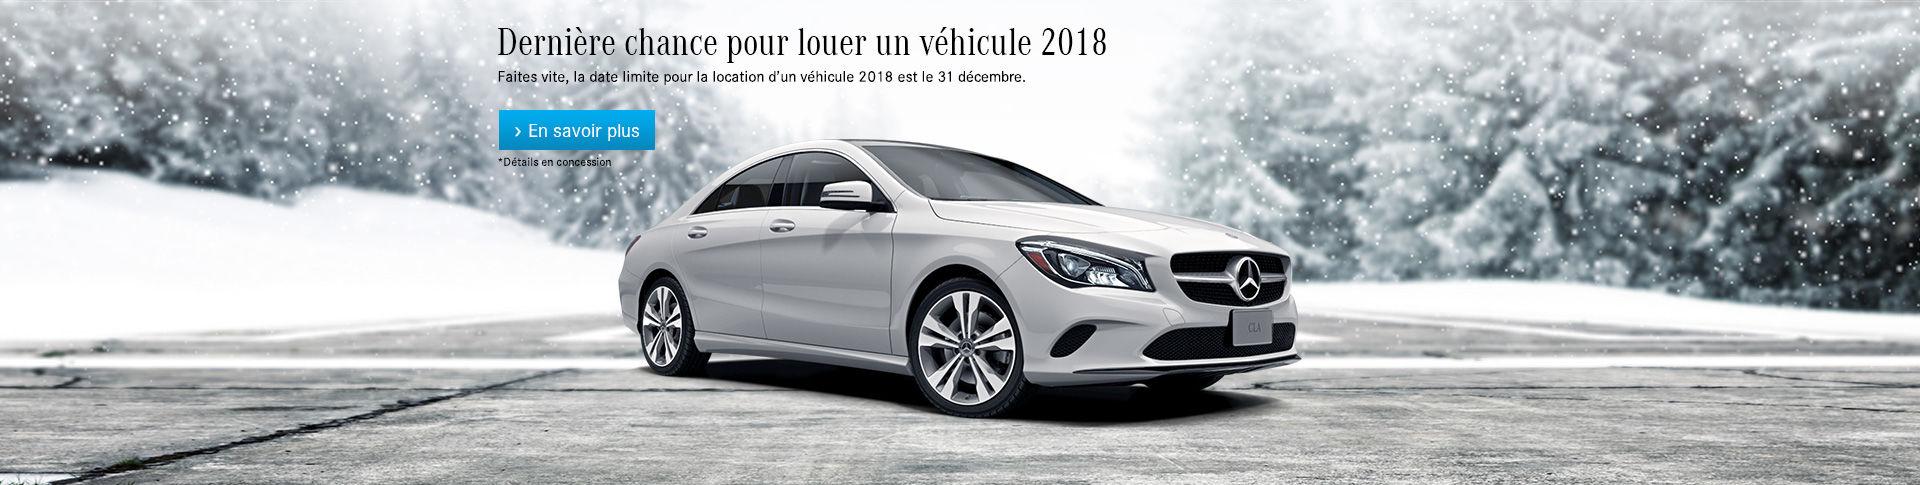 Location véhicule 2018